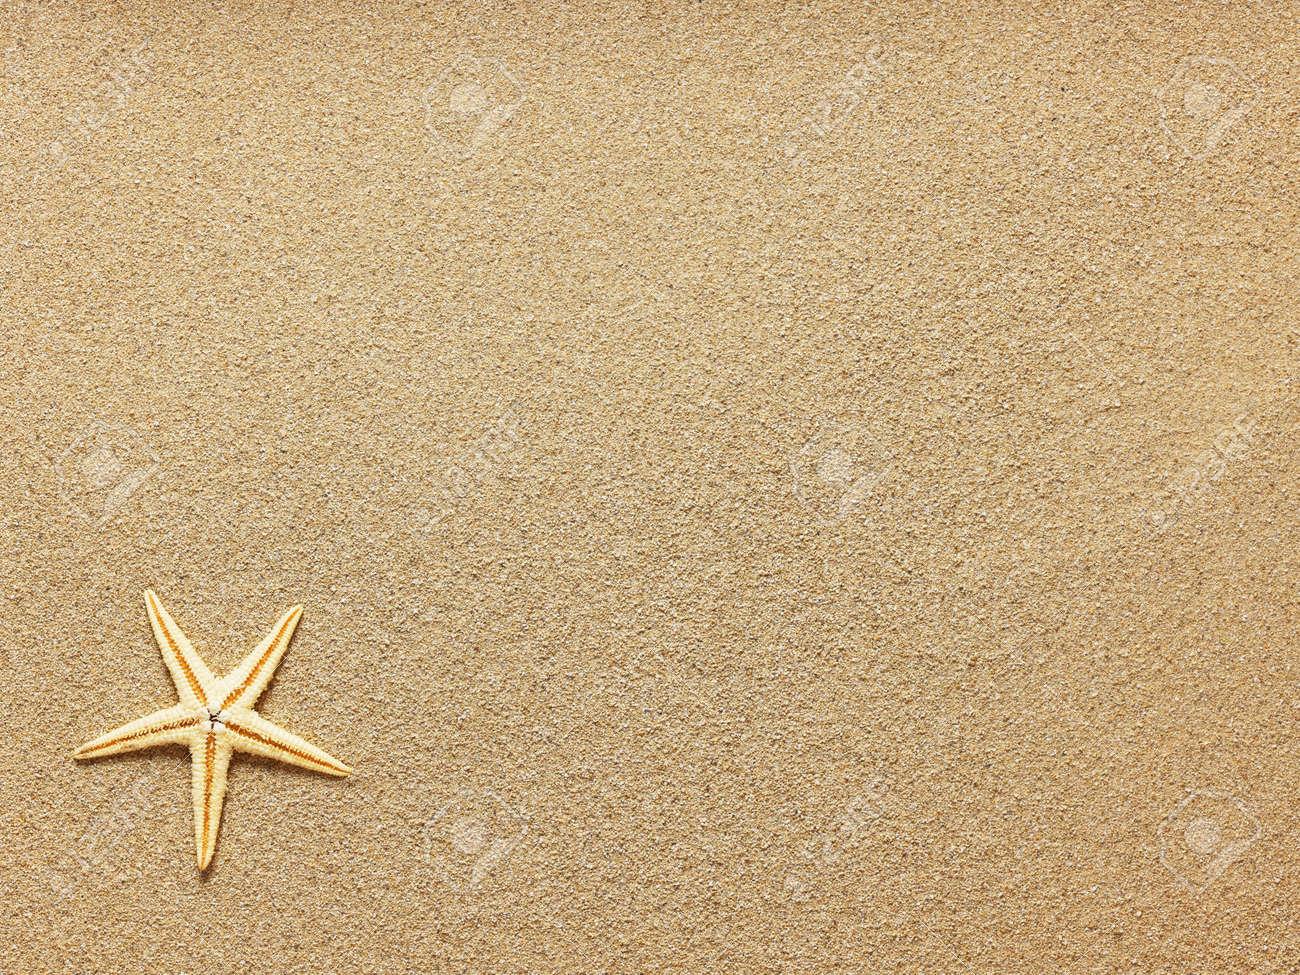 starfish on beach sand close up tiền bản quyền hình ảnh miễn phí